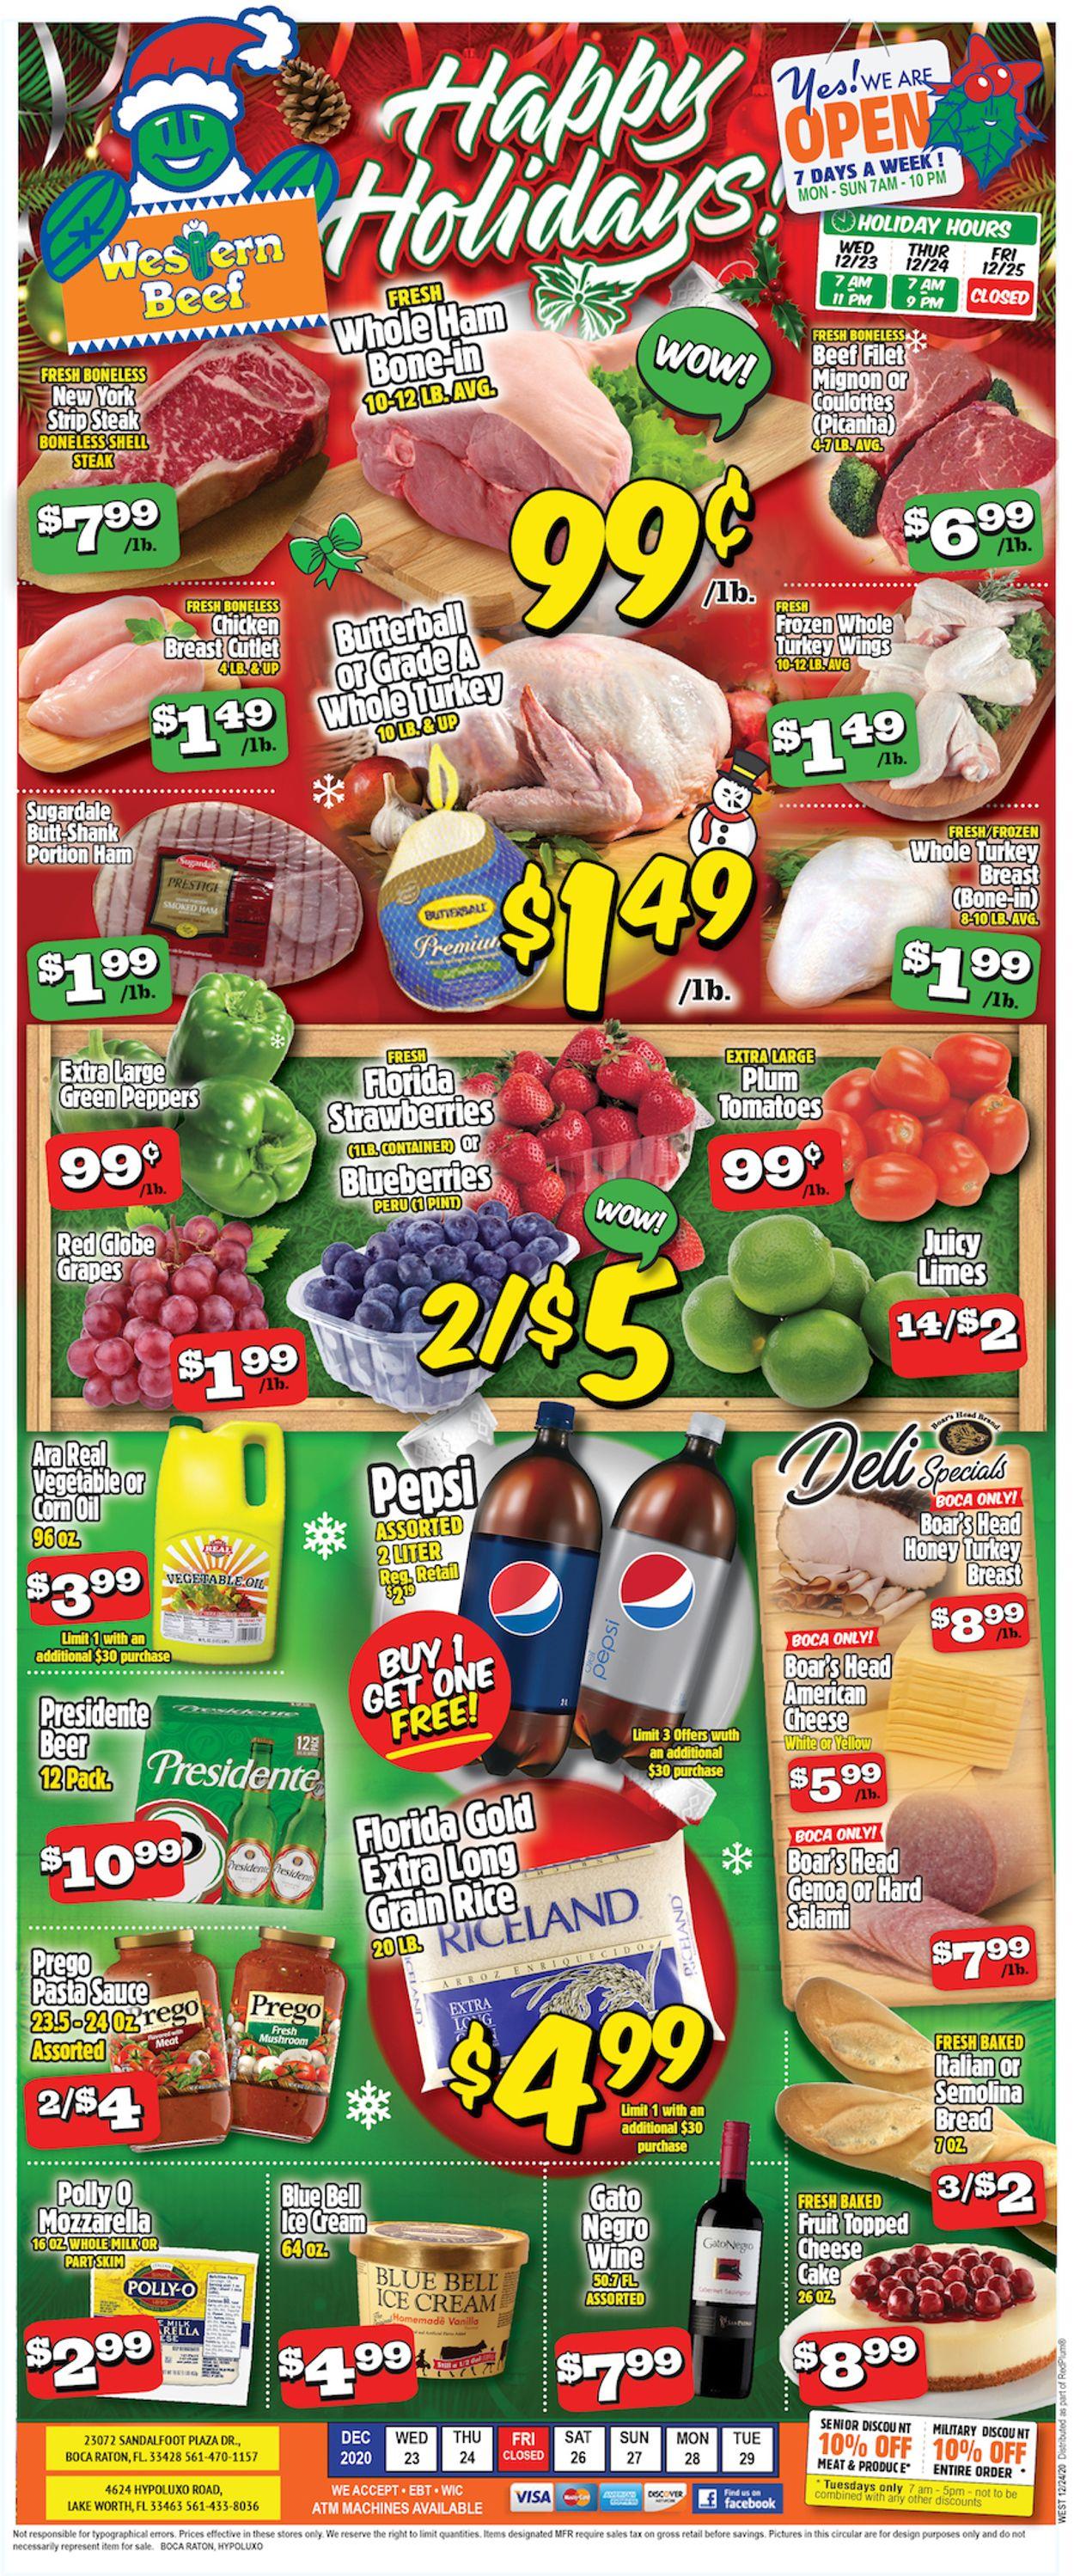 Western Beef Weekly Ad Circular - valid 12/23-12/29/2020